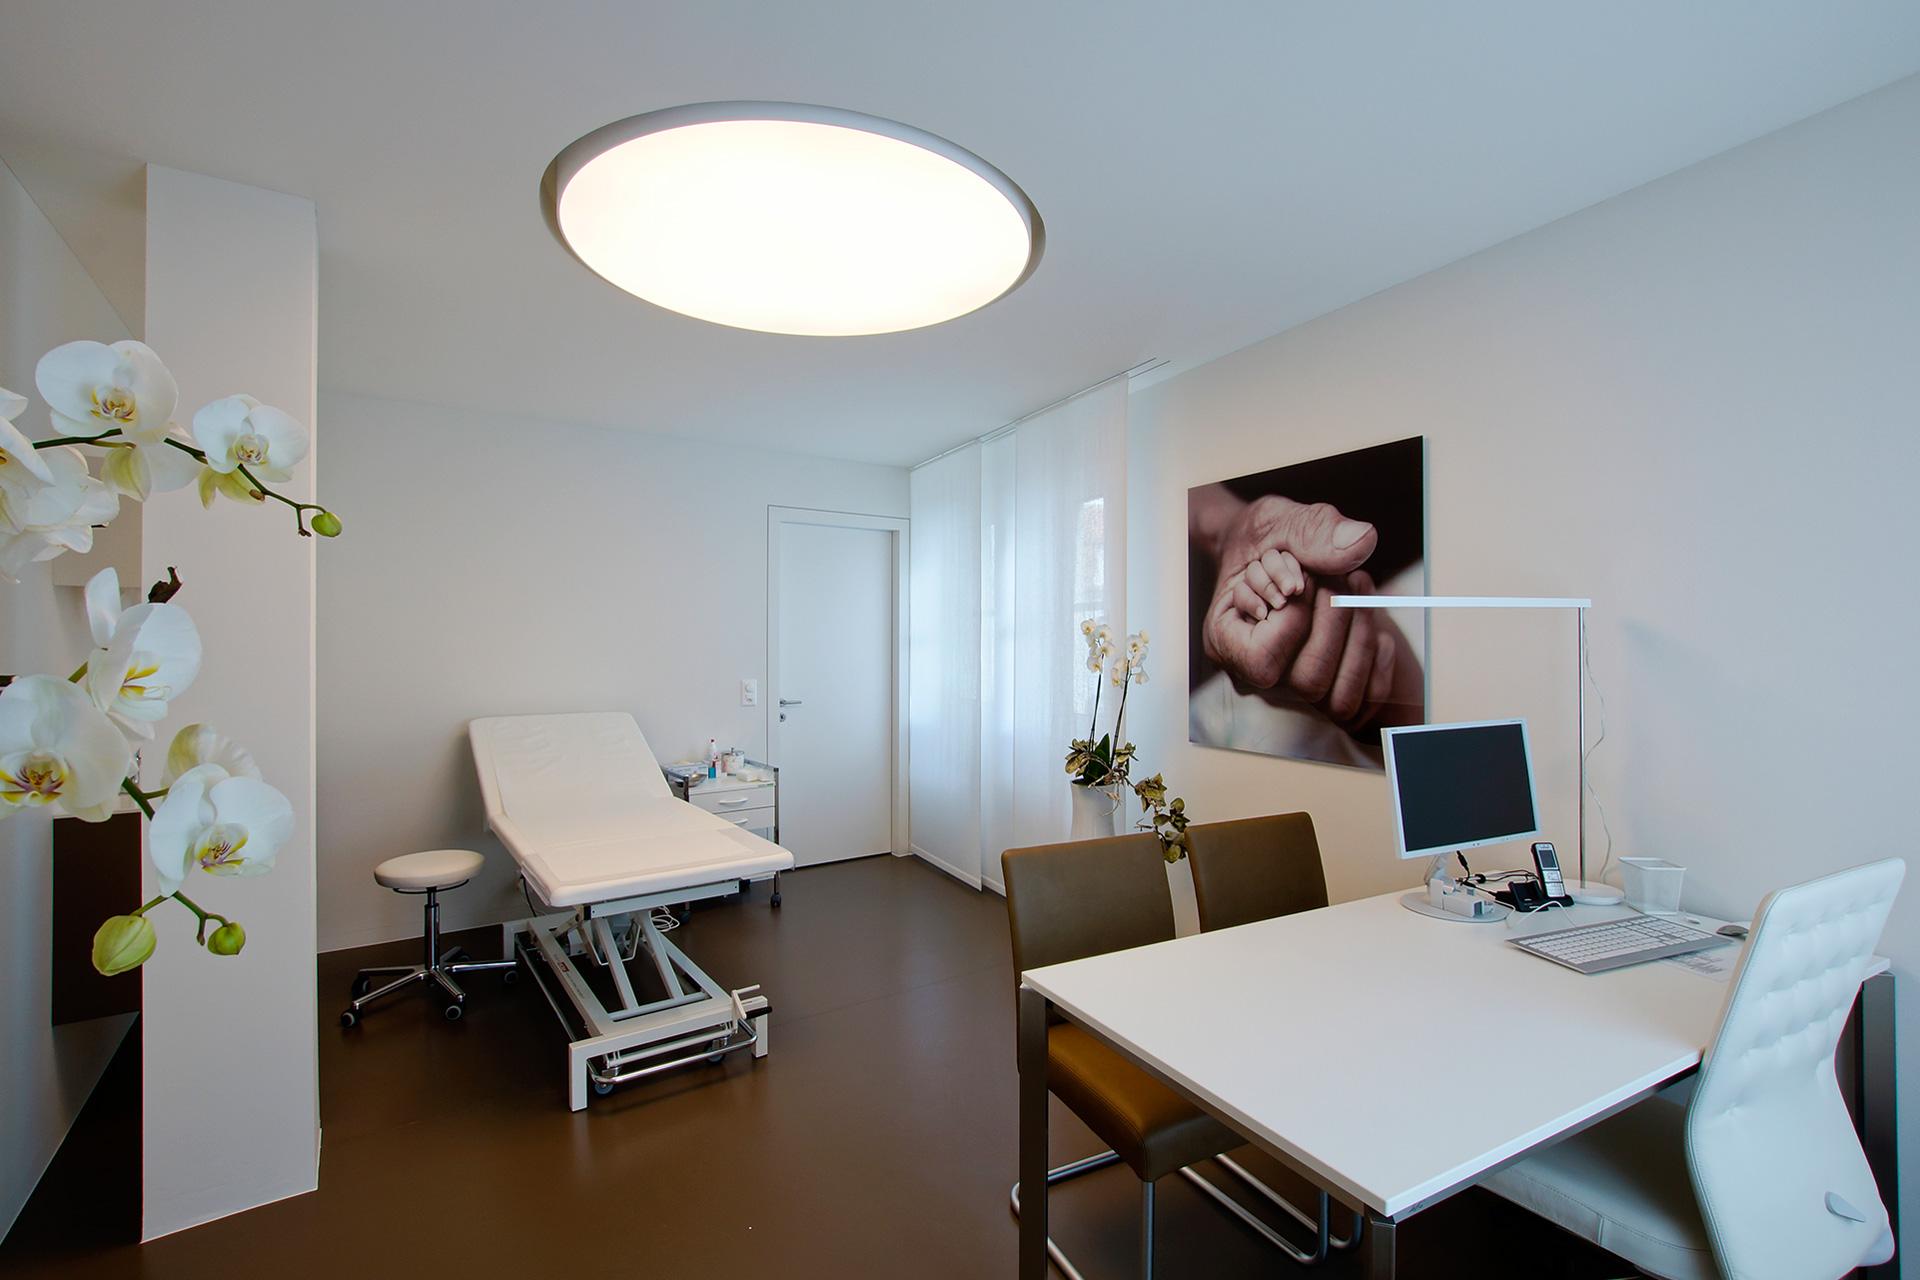 Pfister Klingenfuss Architekten, Hautartzpraxis, Rorschach, Behandlungszimmer